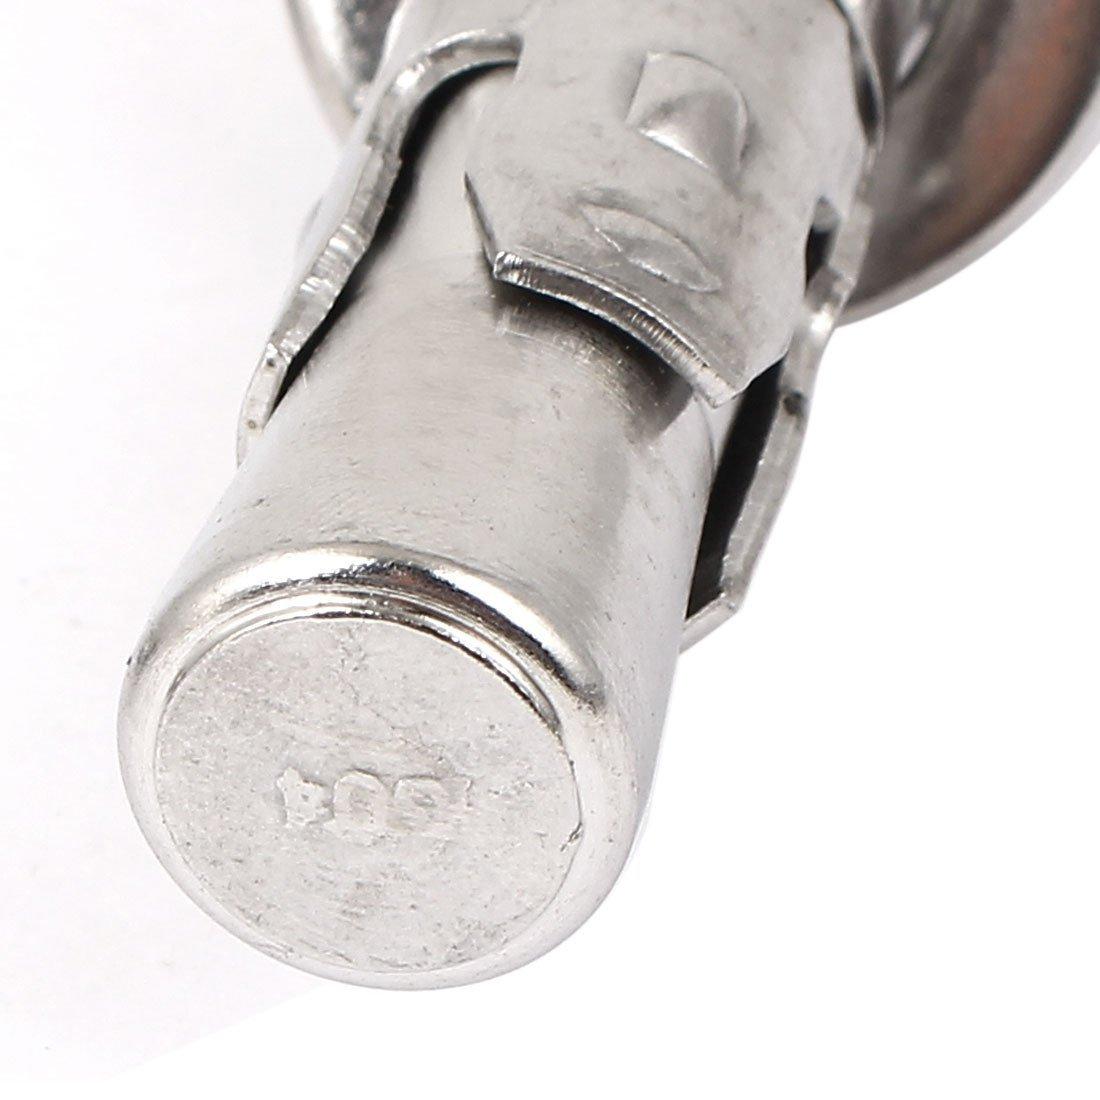 Voiture en Acier inoxydable eDealMax Réparation Gecko Extension Boulon Vis M16x100mm 2pcs